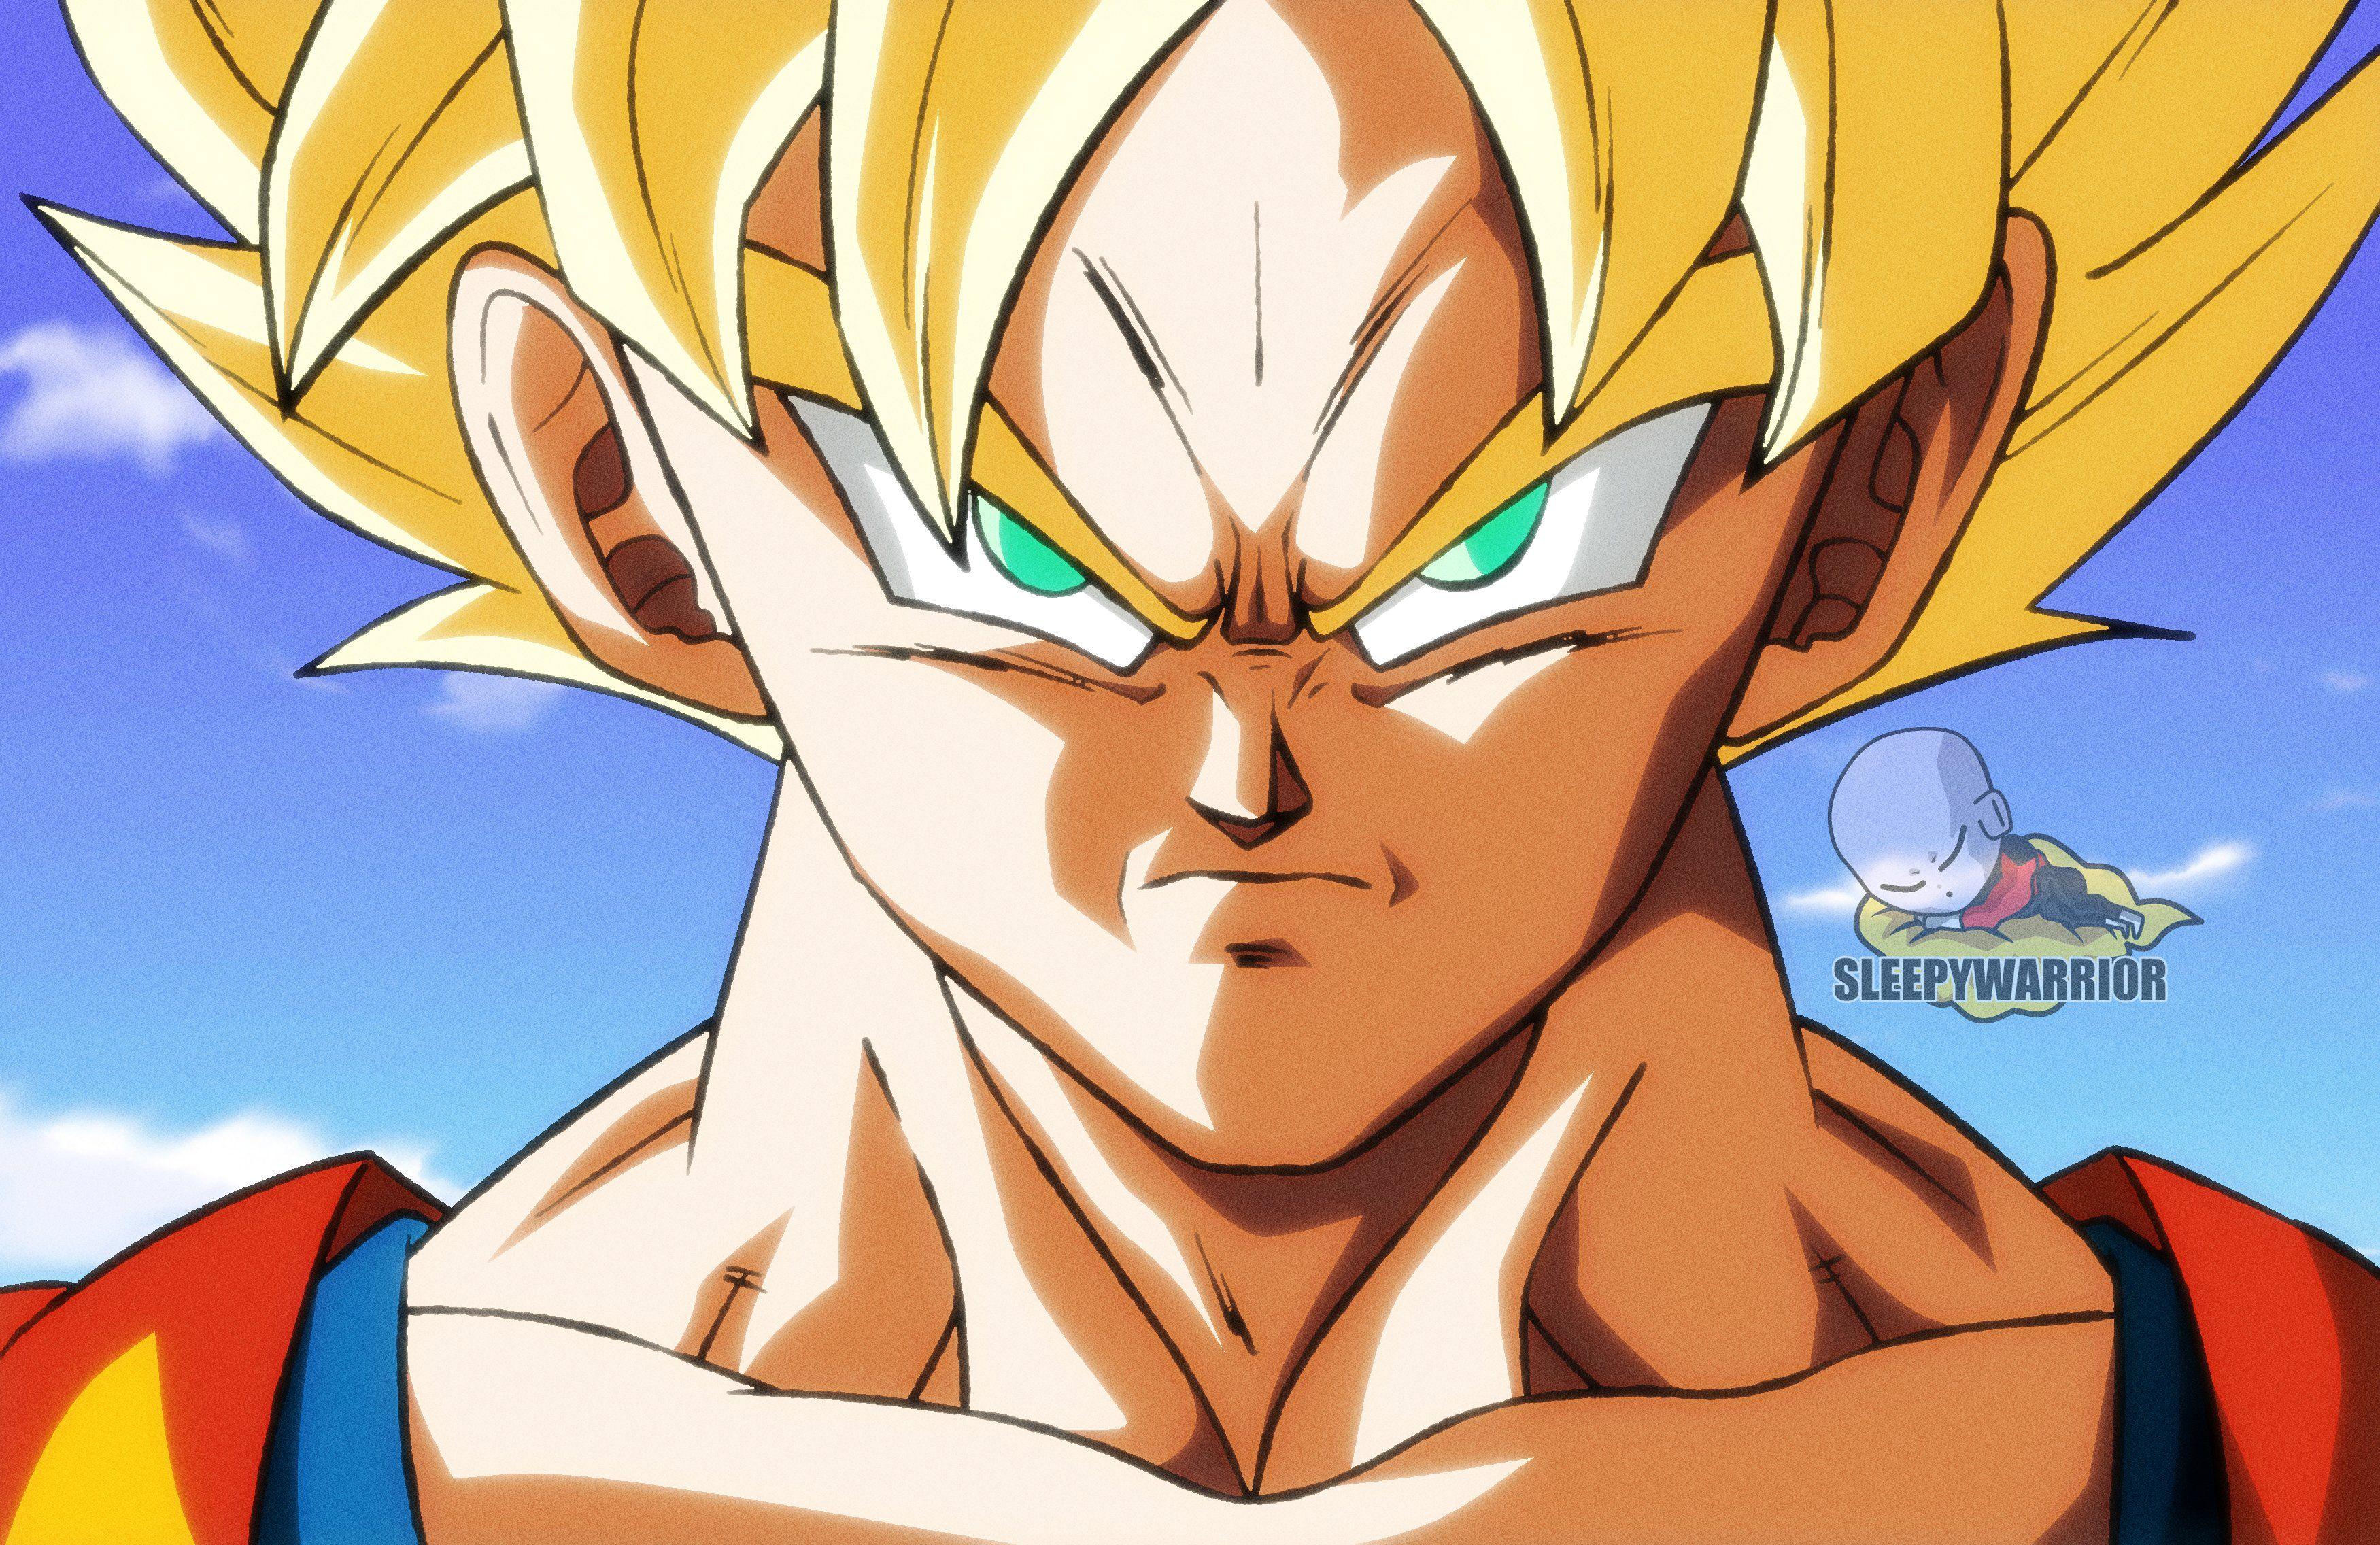 Pin By Thatguywho On Dragon Ball Dragon Ball Art Dragon Ball Z Dragon Ball Super